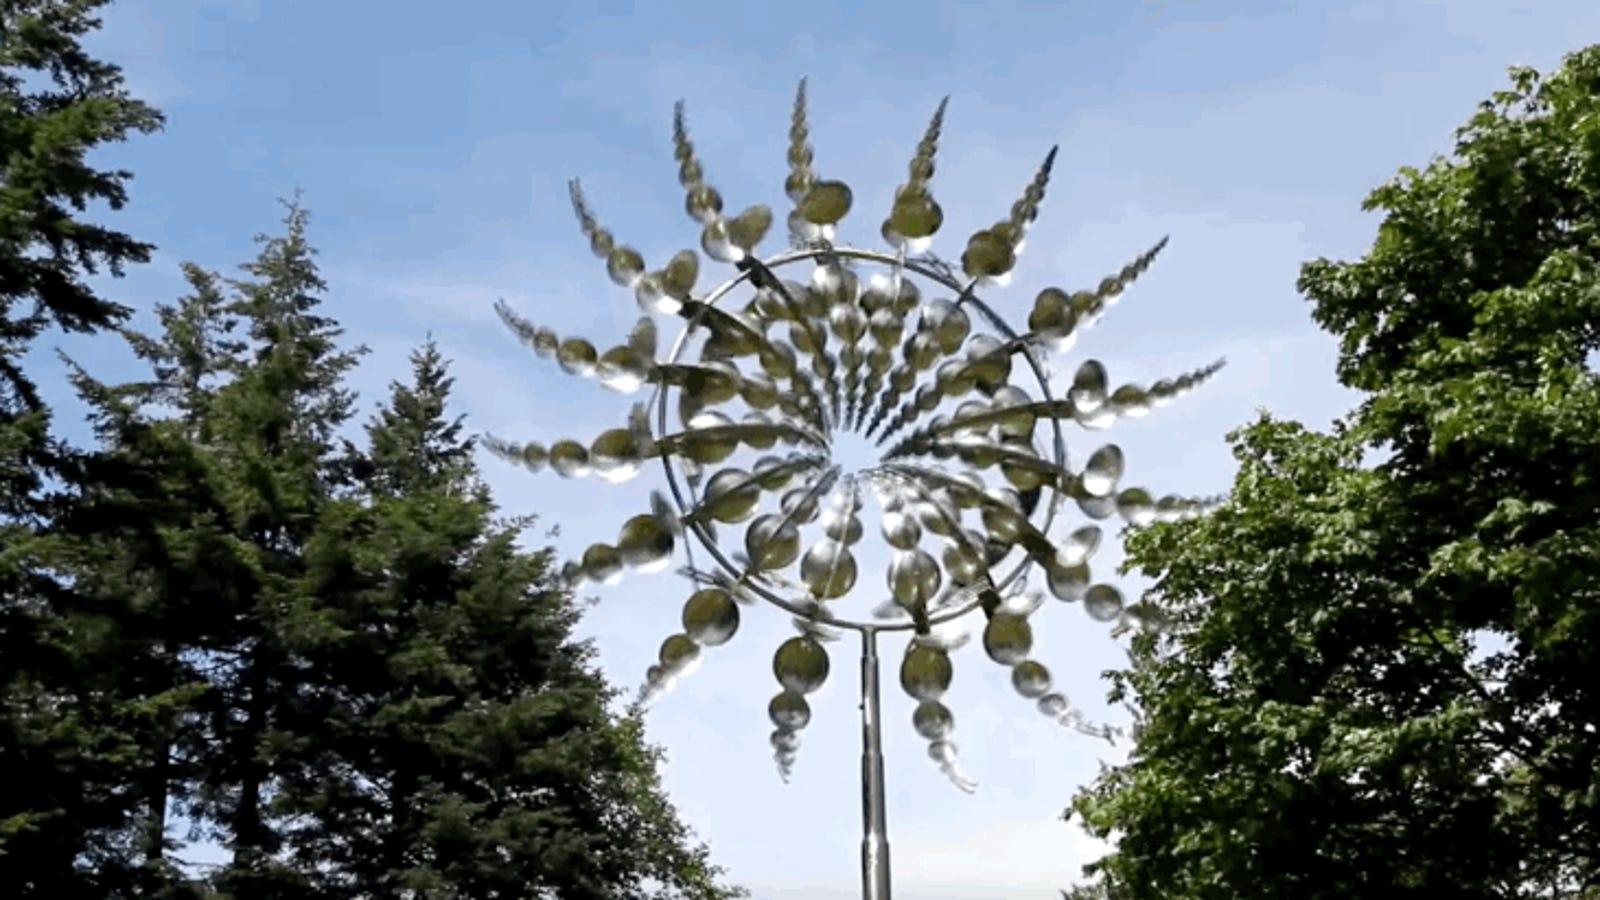 Estas fantásticas esculturas de metal cobran vida con el viento